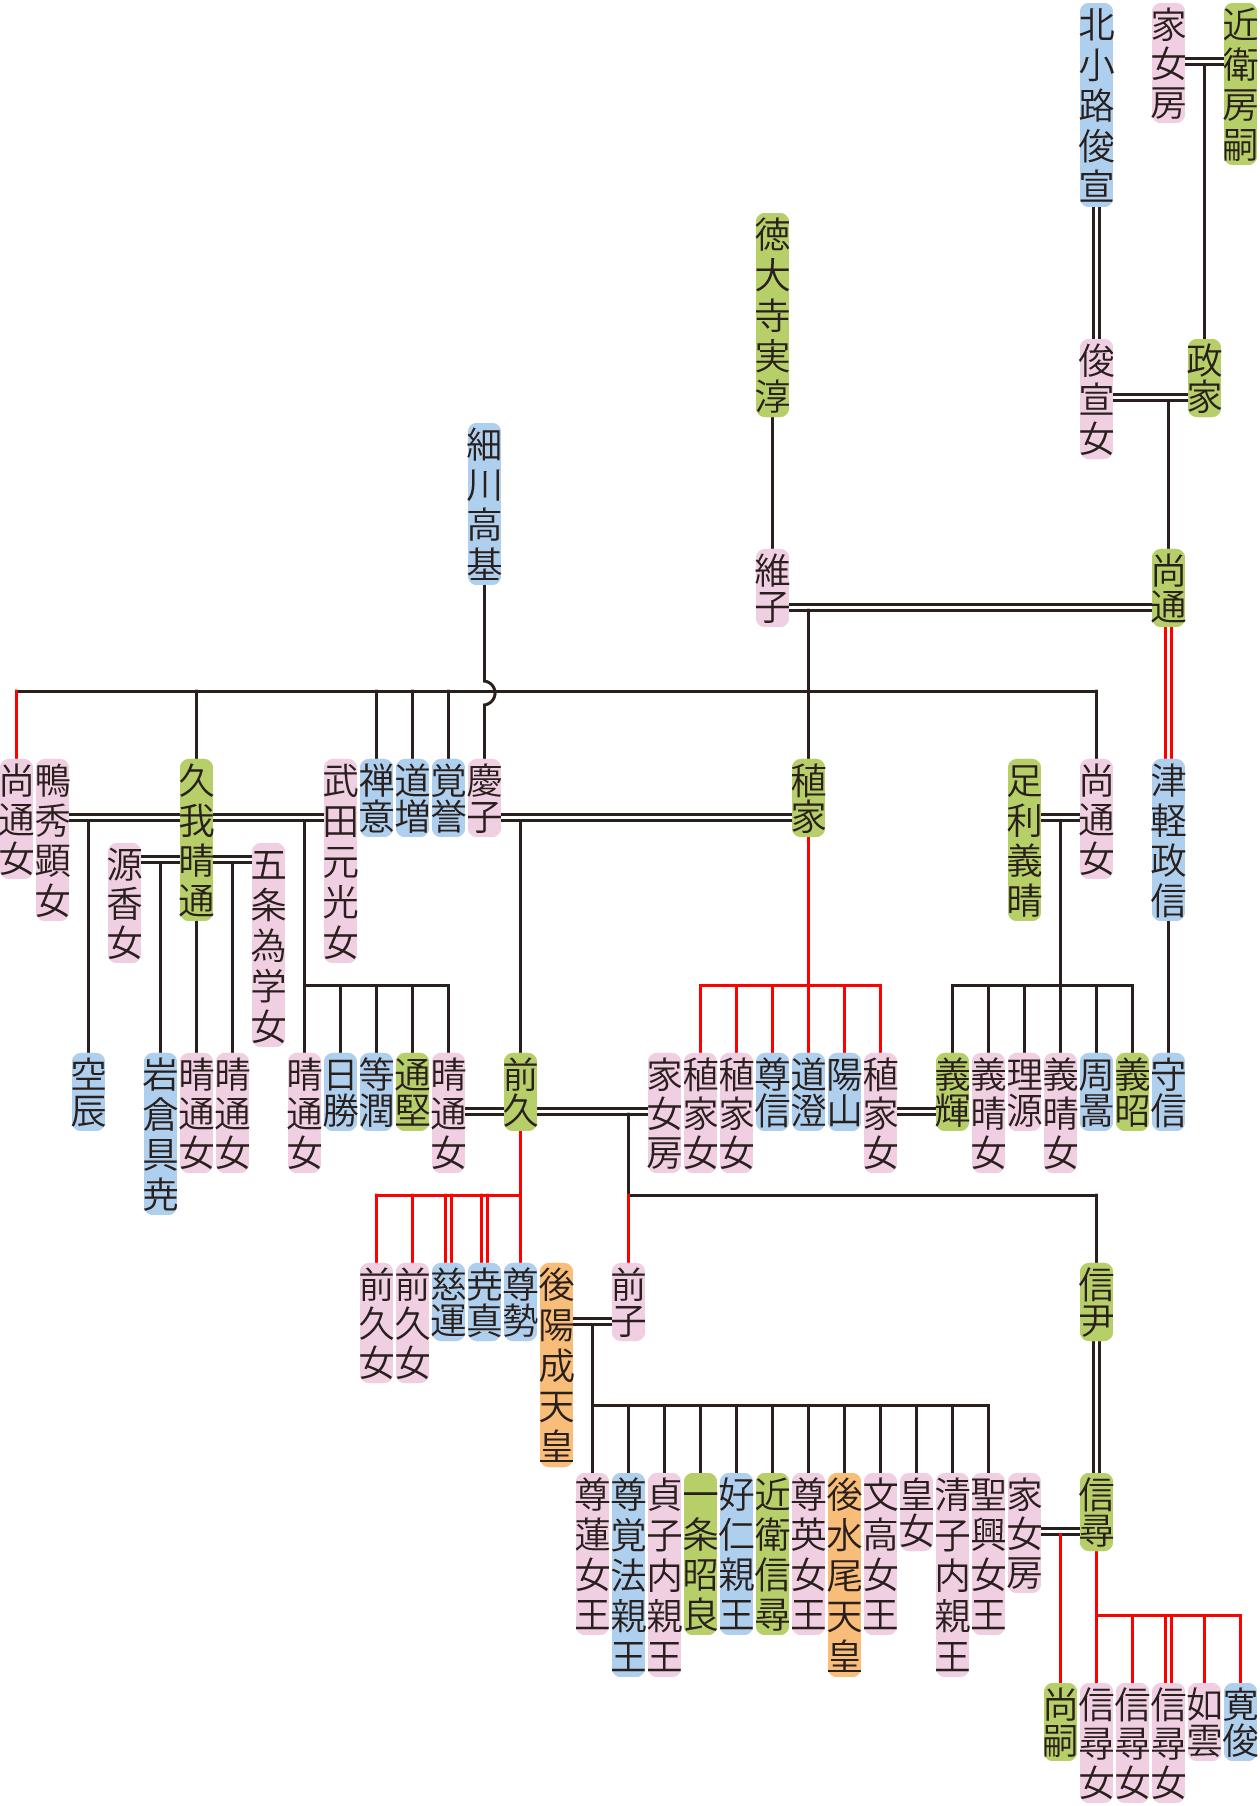 近衛尚通~信尹の系図